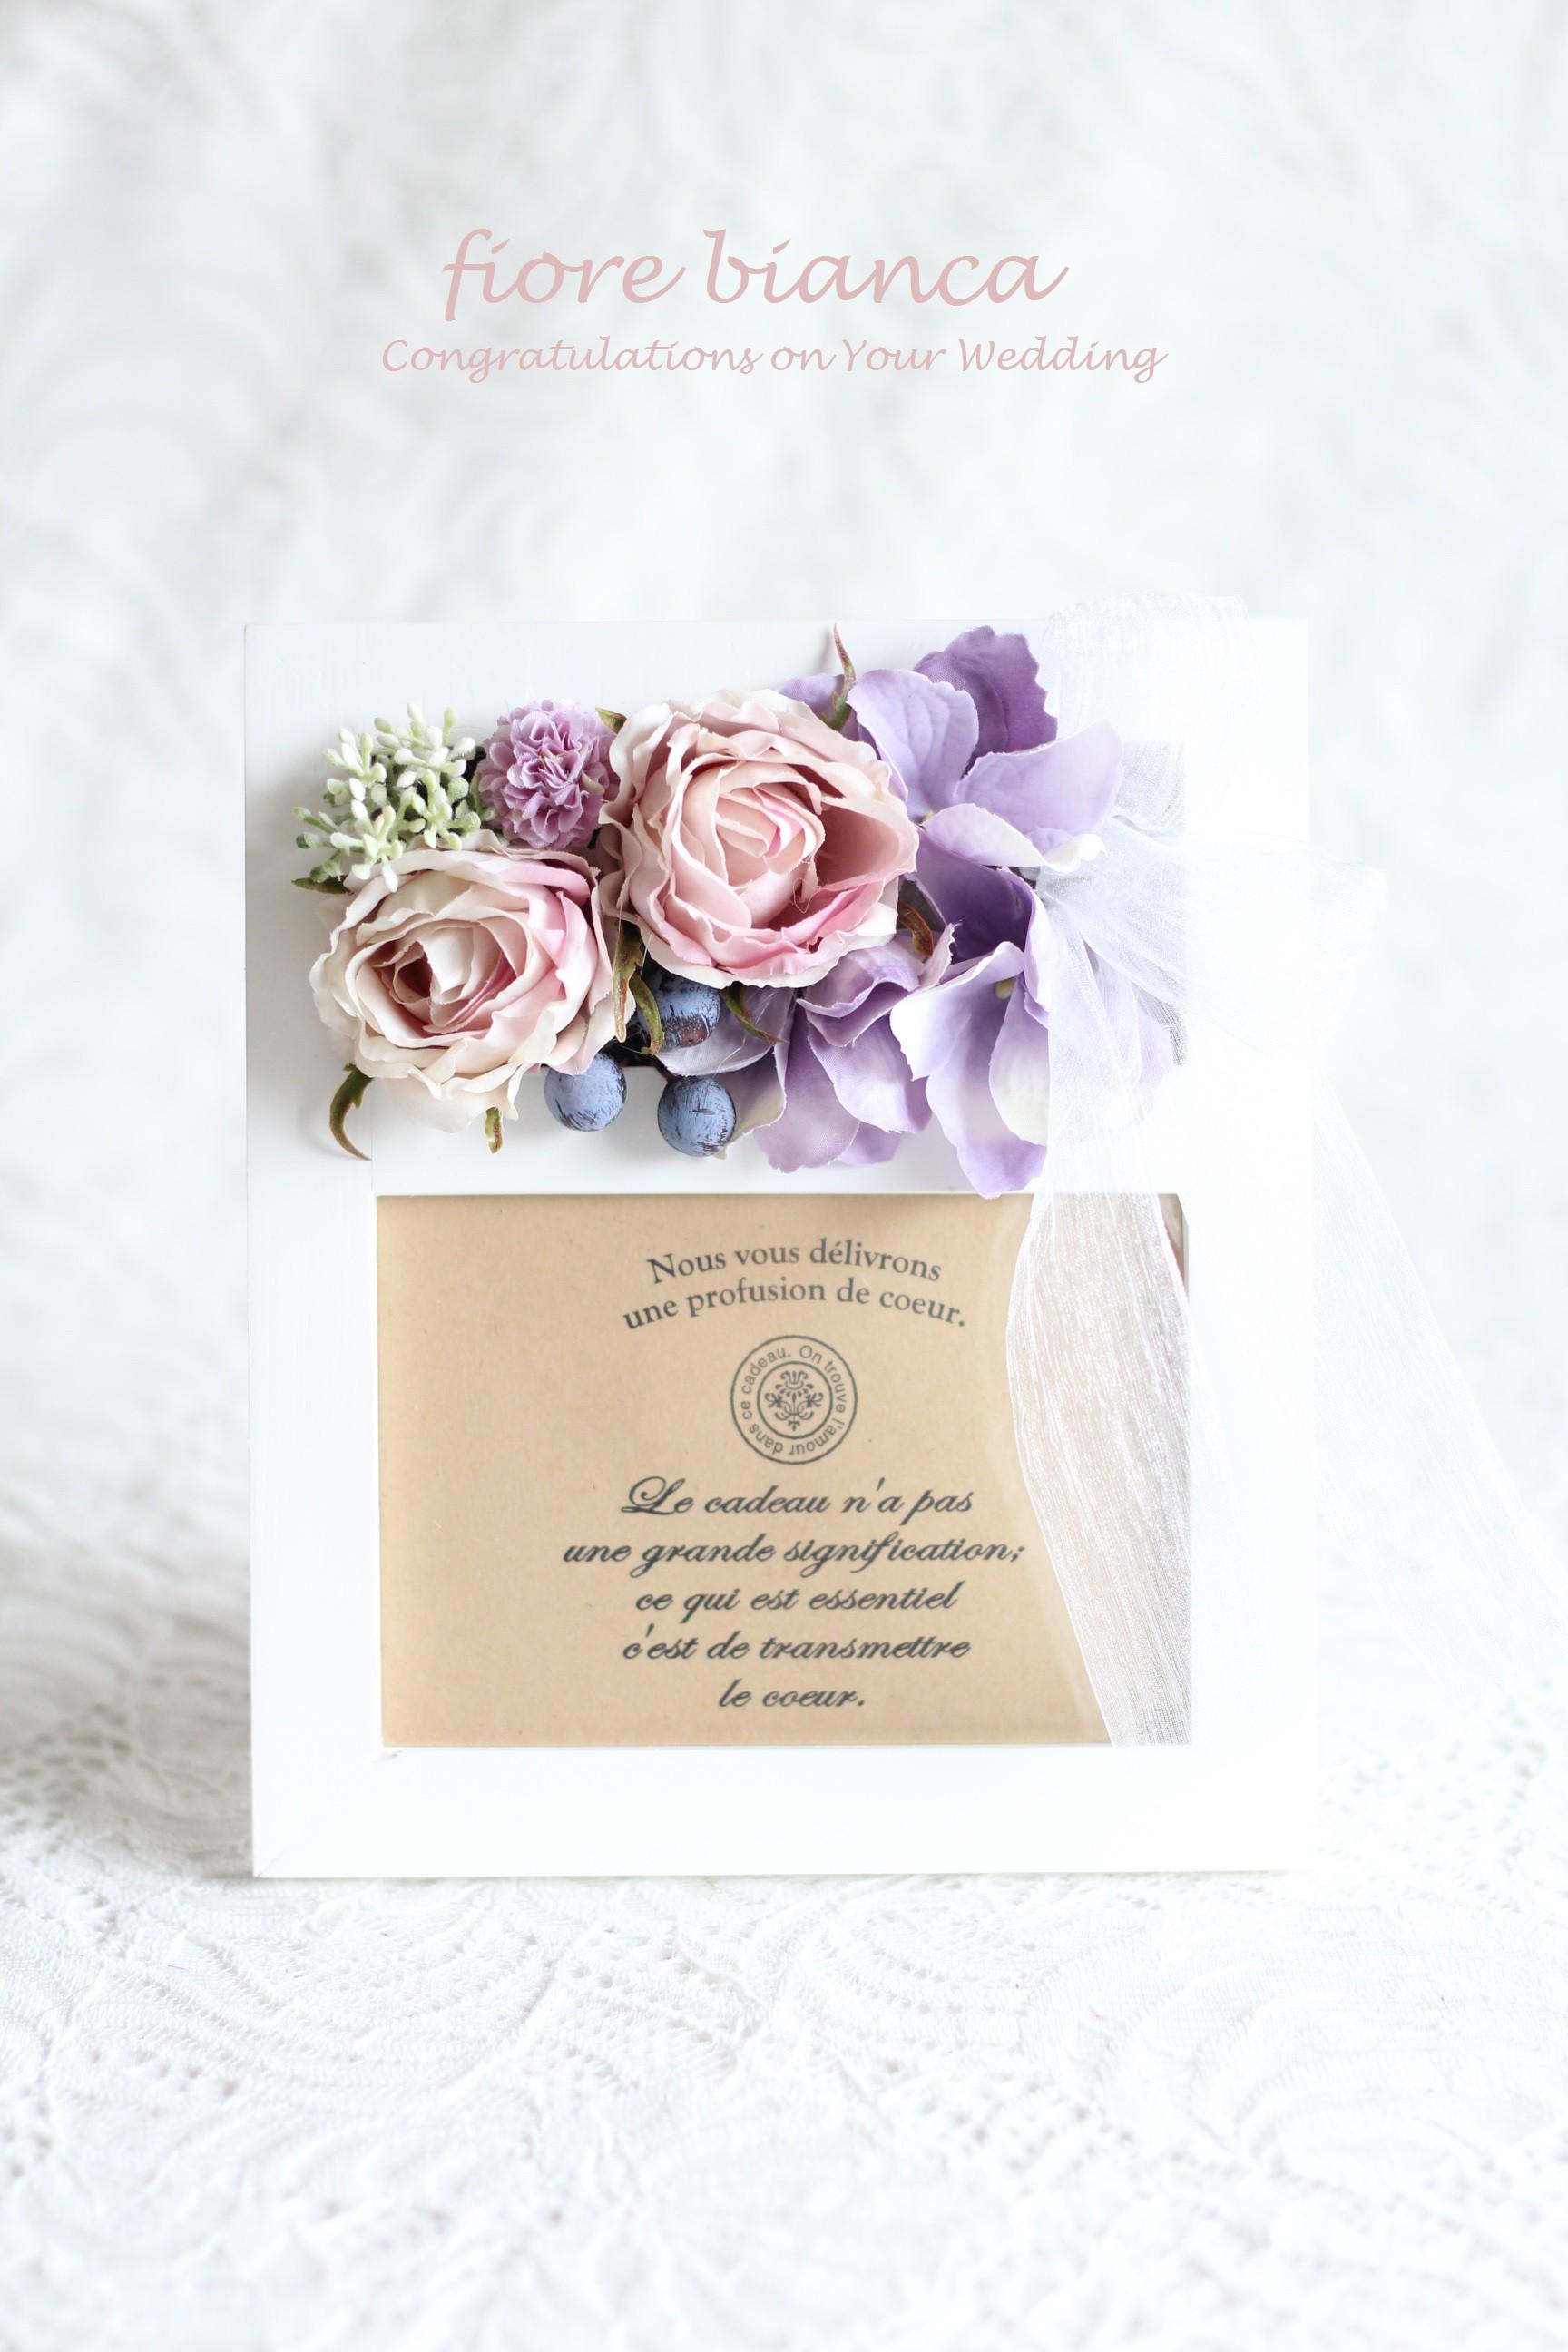 ブライダルシーズン♡ご結婚のお祝いにぴったりのフォトフレームギフトをプレゼント